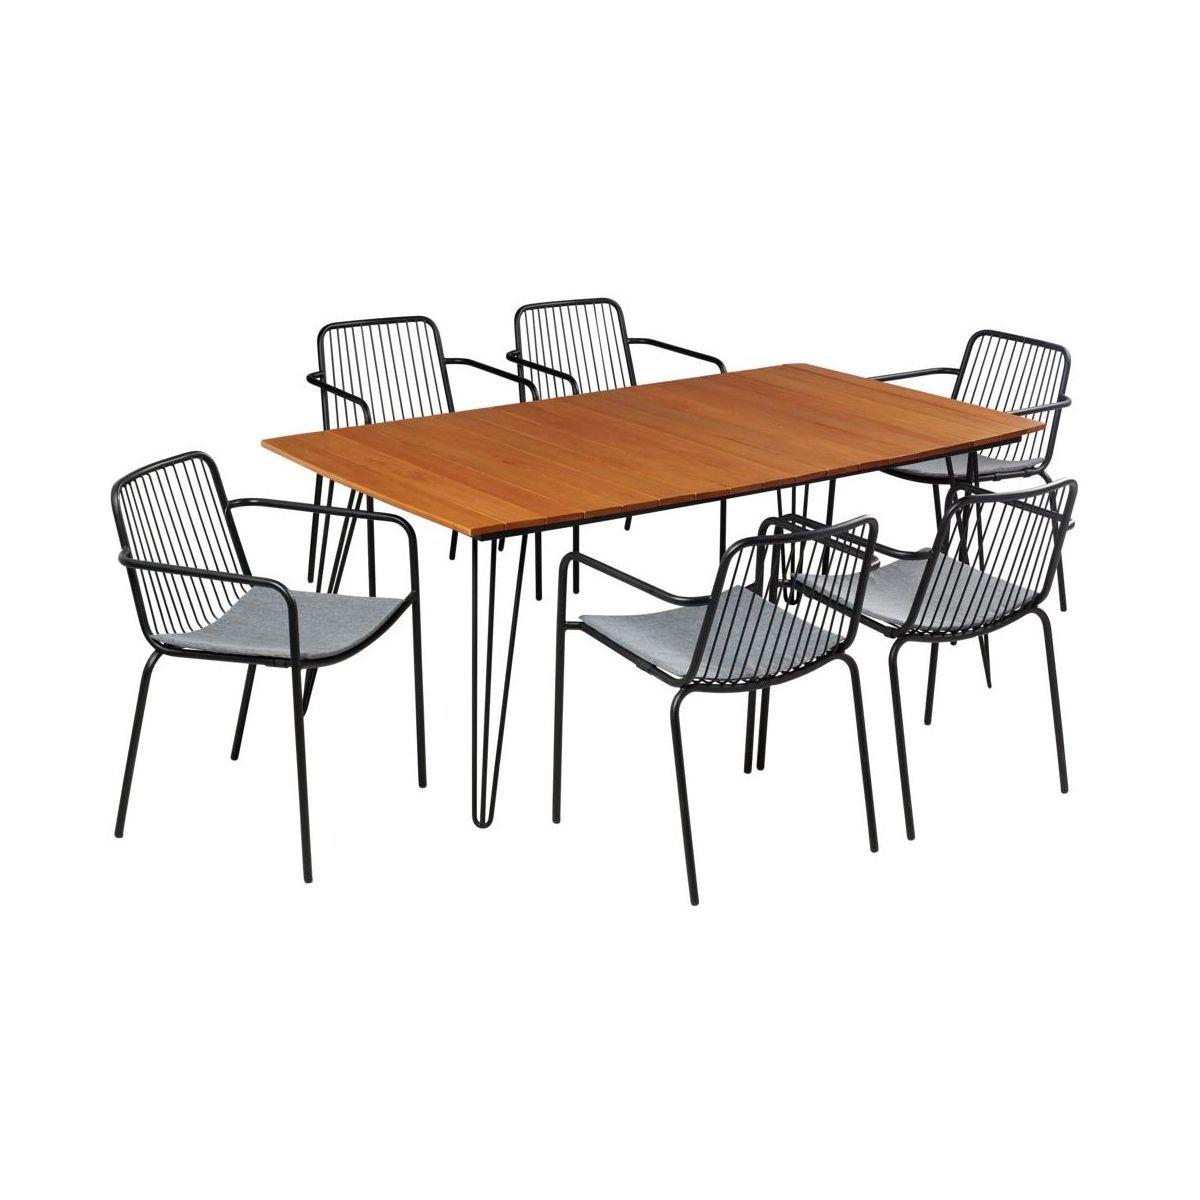 Krzeslo Ogrodowe Zoe Stalowe Czarne Krzesla Fotele Lawki Ogrodowe W Atrakcyjnej Cenie W Sklepach Leroy Merlin Furniture Home Decor Outdoor Furniture